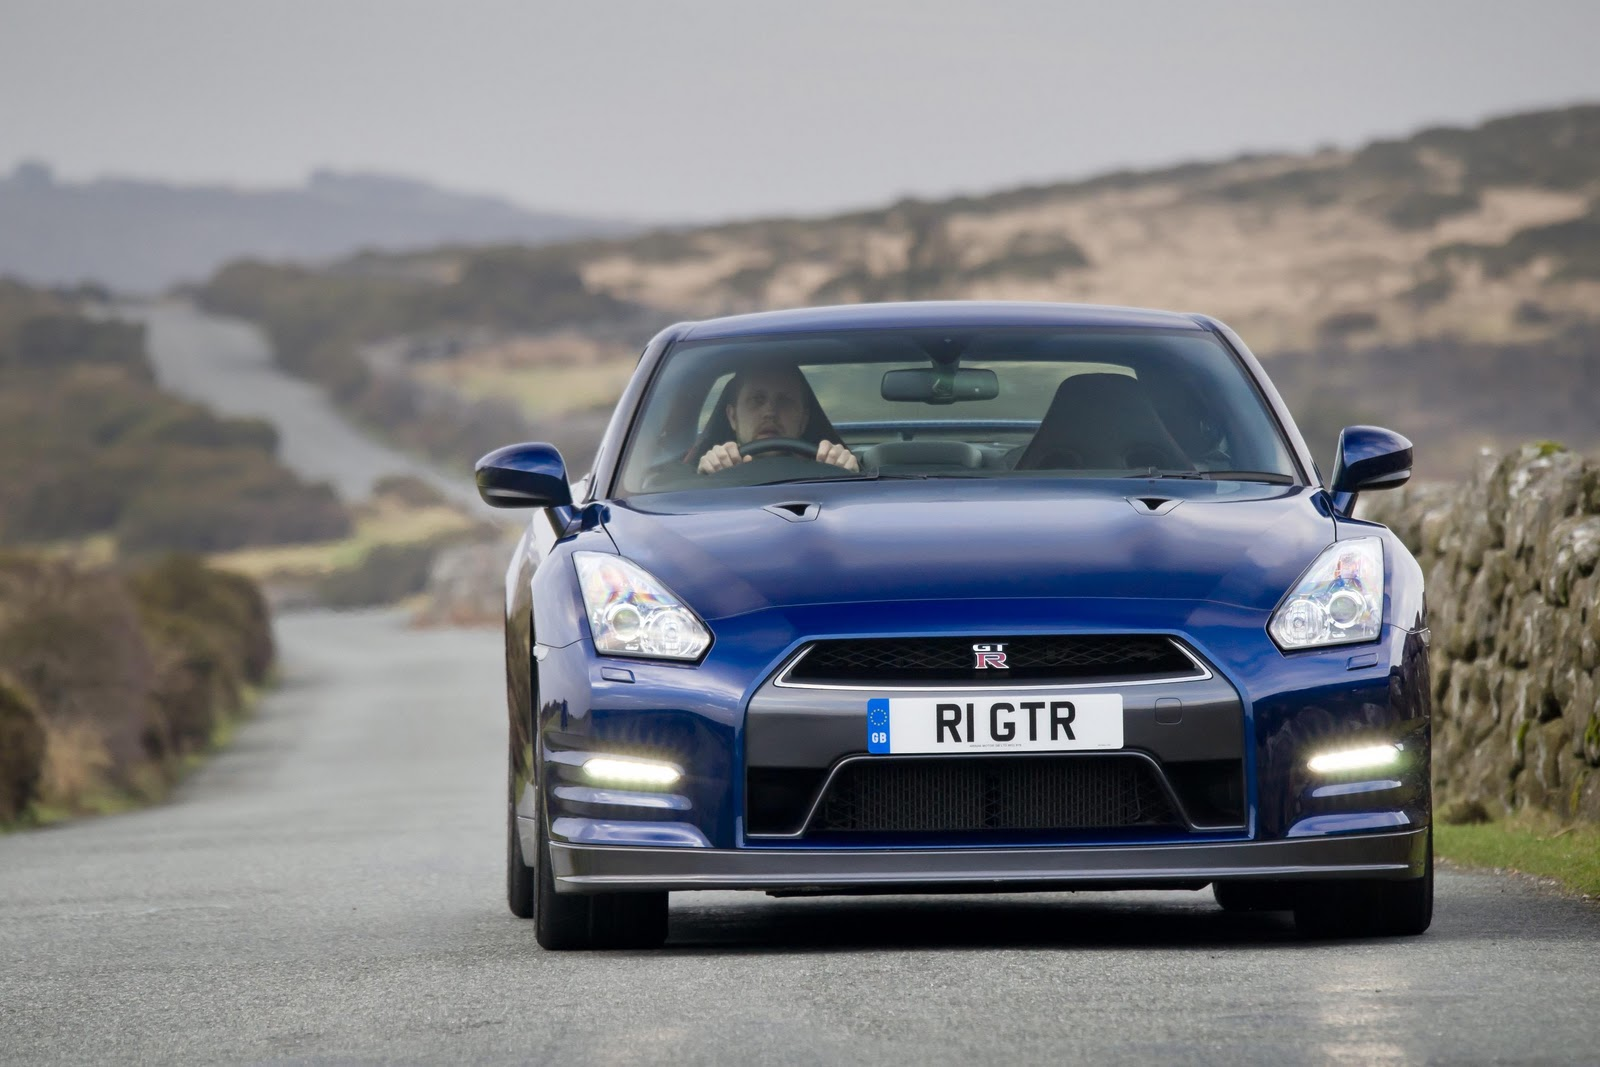 Bugatti Veyron Vs Porsche 911 Turbo S Vs Nissan Gtr